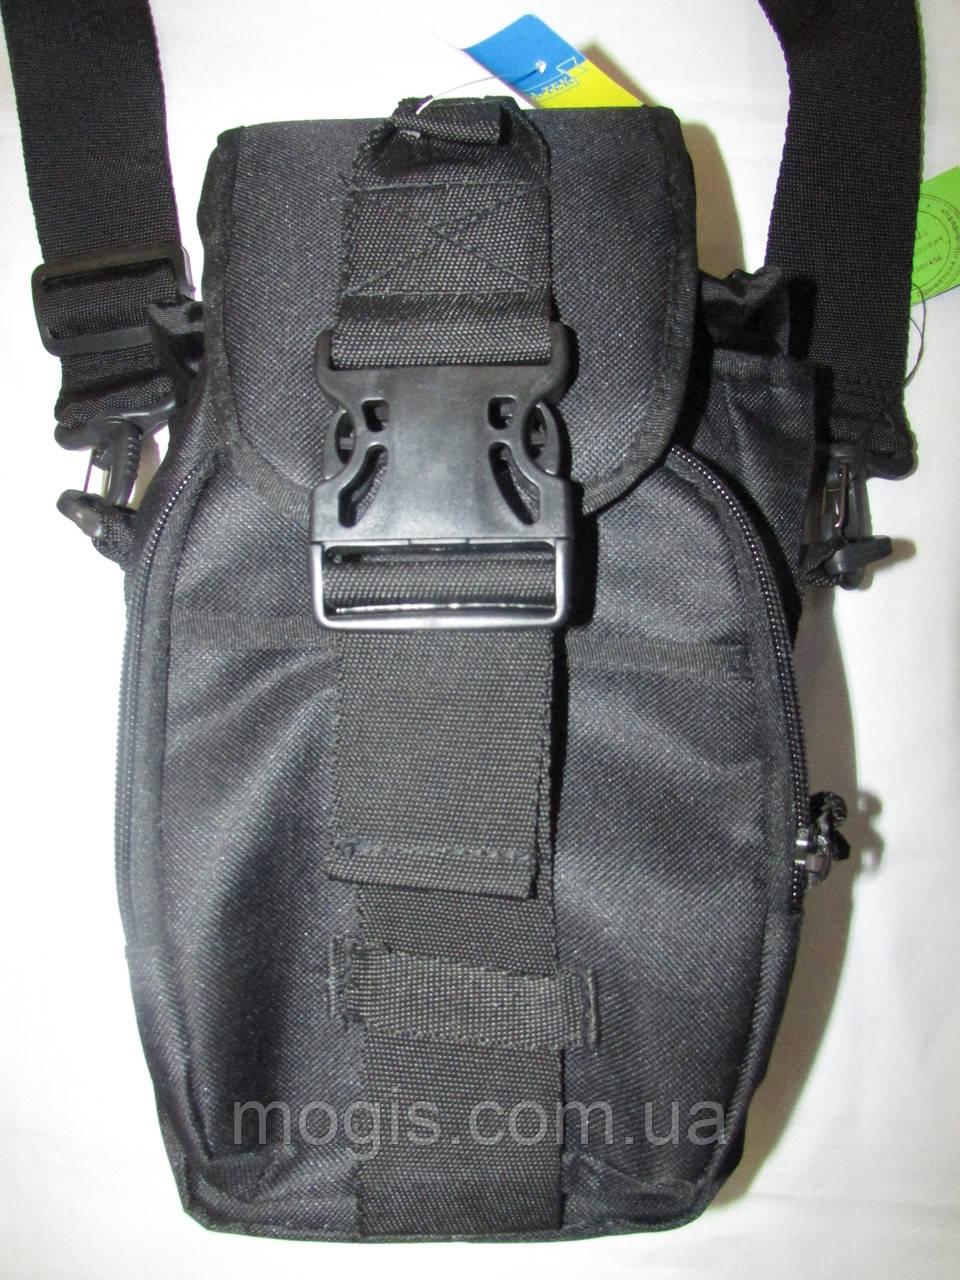 Сумочка SN-3 тк. Оксфорд 600 D черная